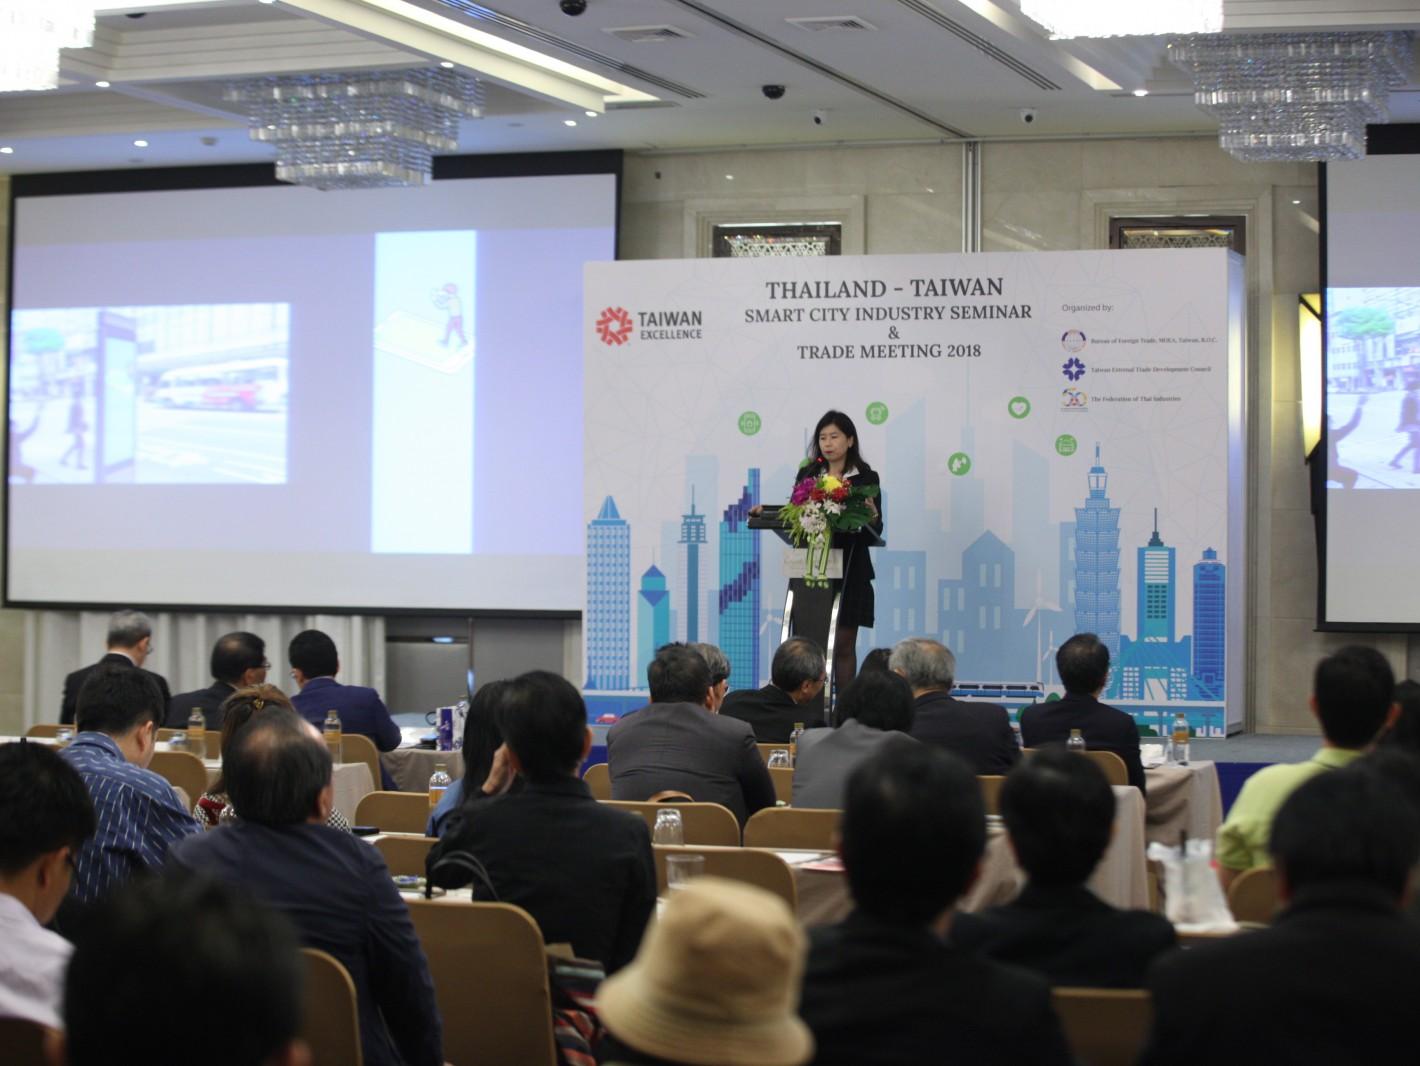 台灣精品廠商威盛電子林育如經理發表智慧交通及建築科技